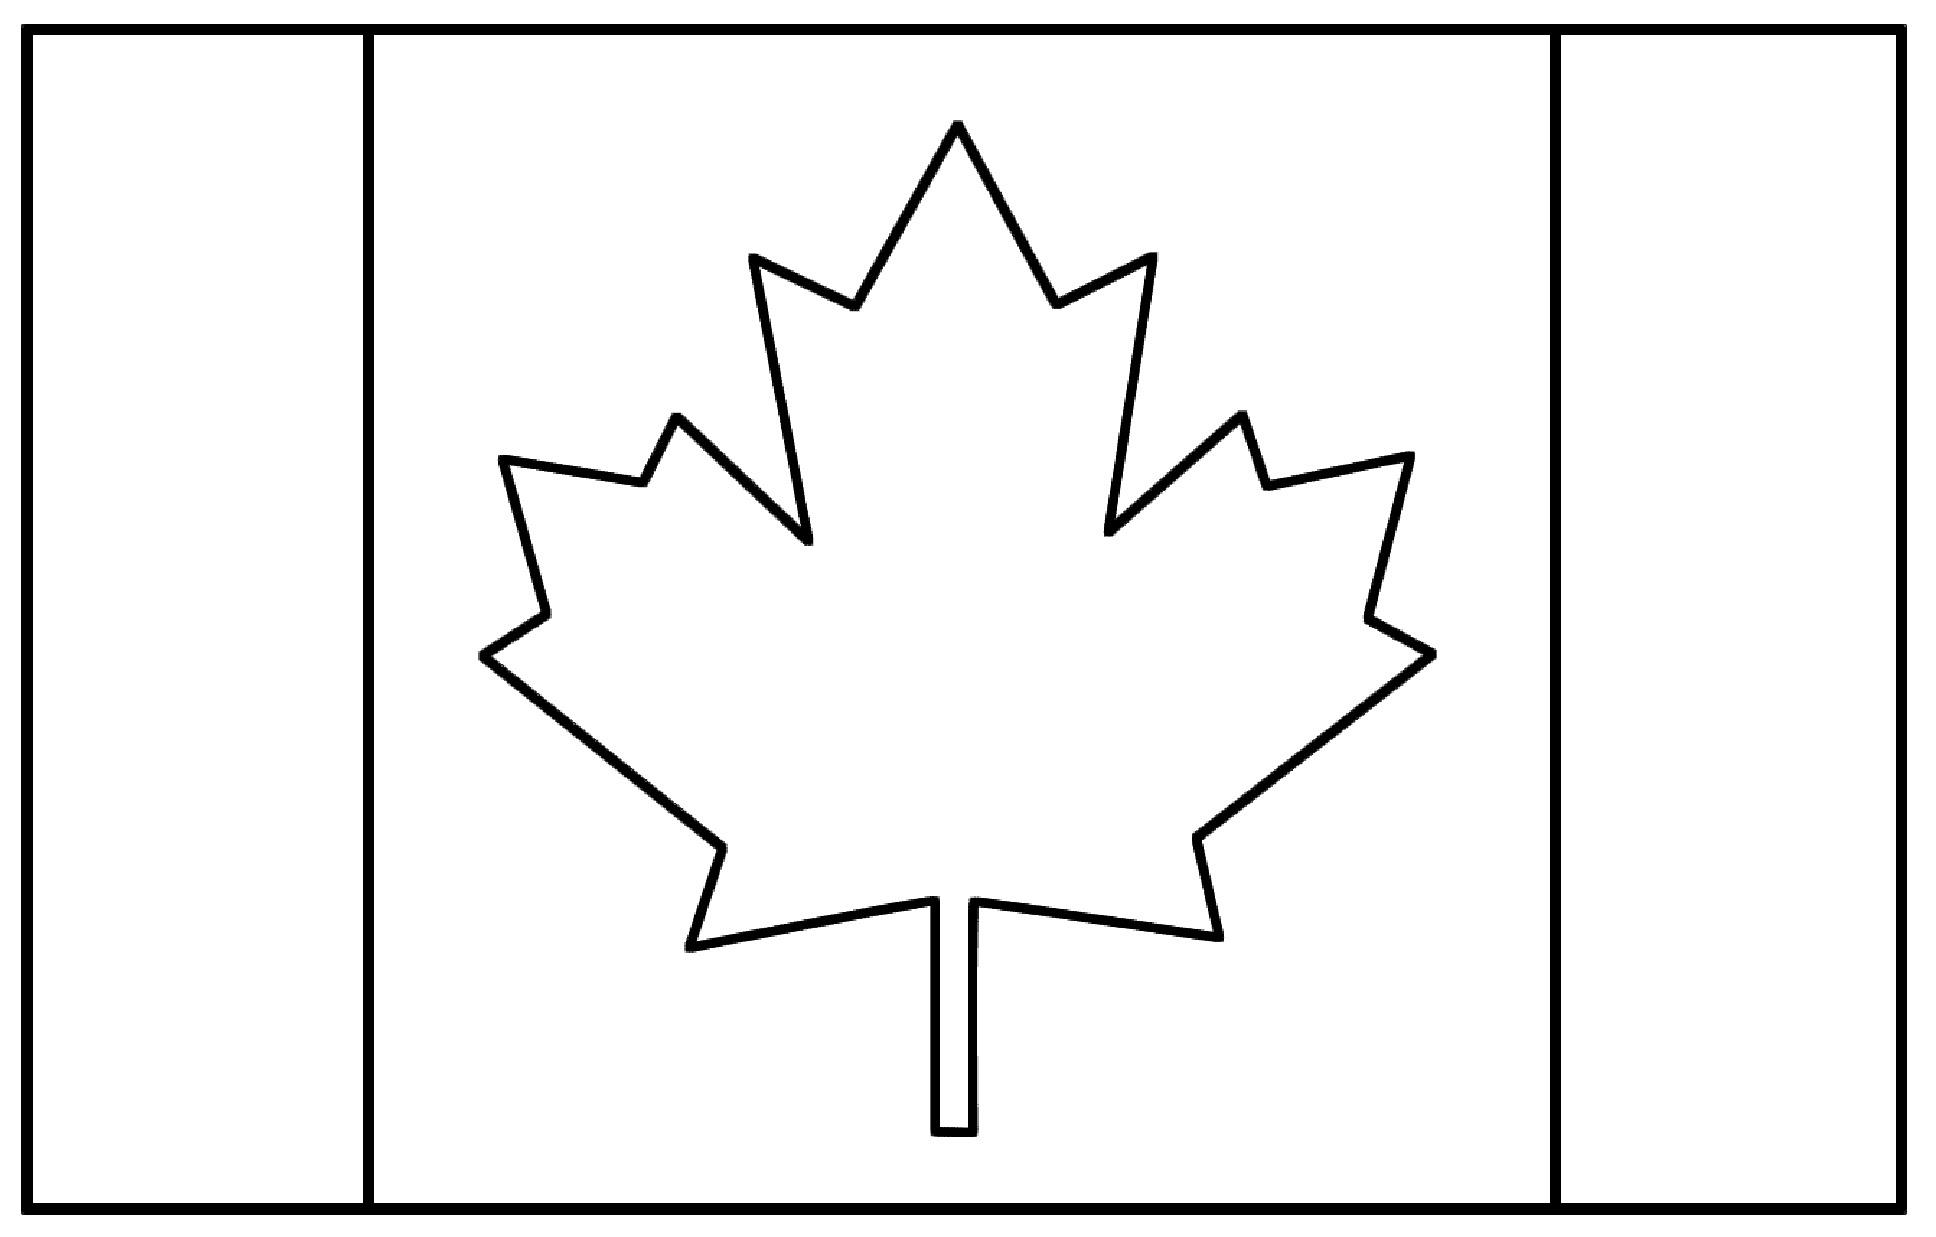 Drapeau Canada - Coloriage De Drapeaux - Coloriages Pour destiné Drapeau Brésil À Colorier